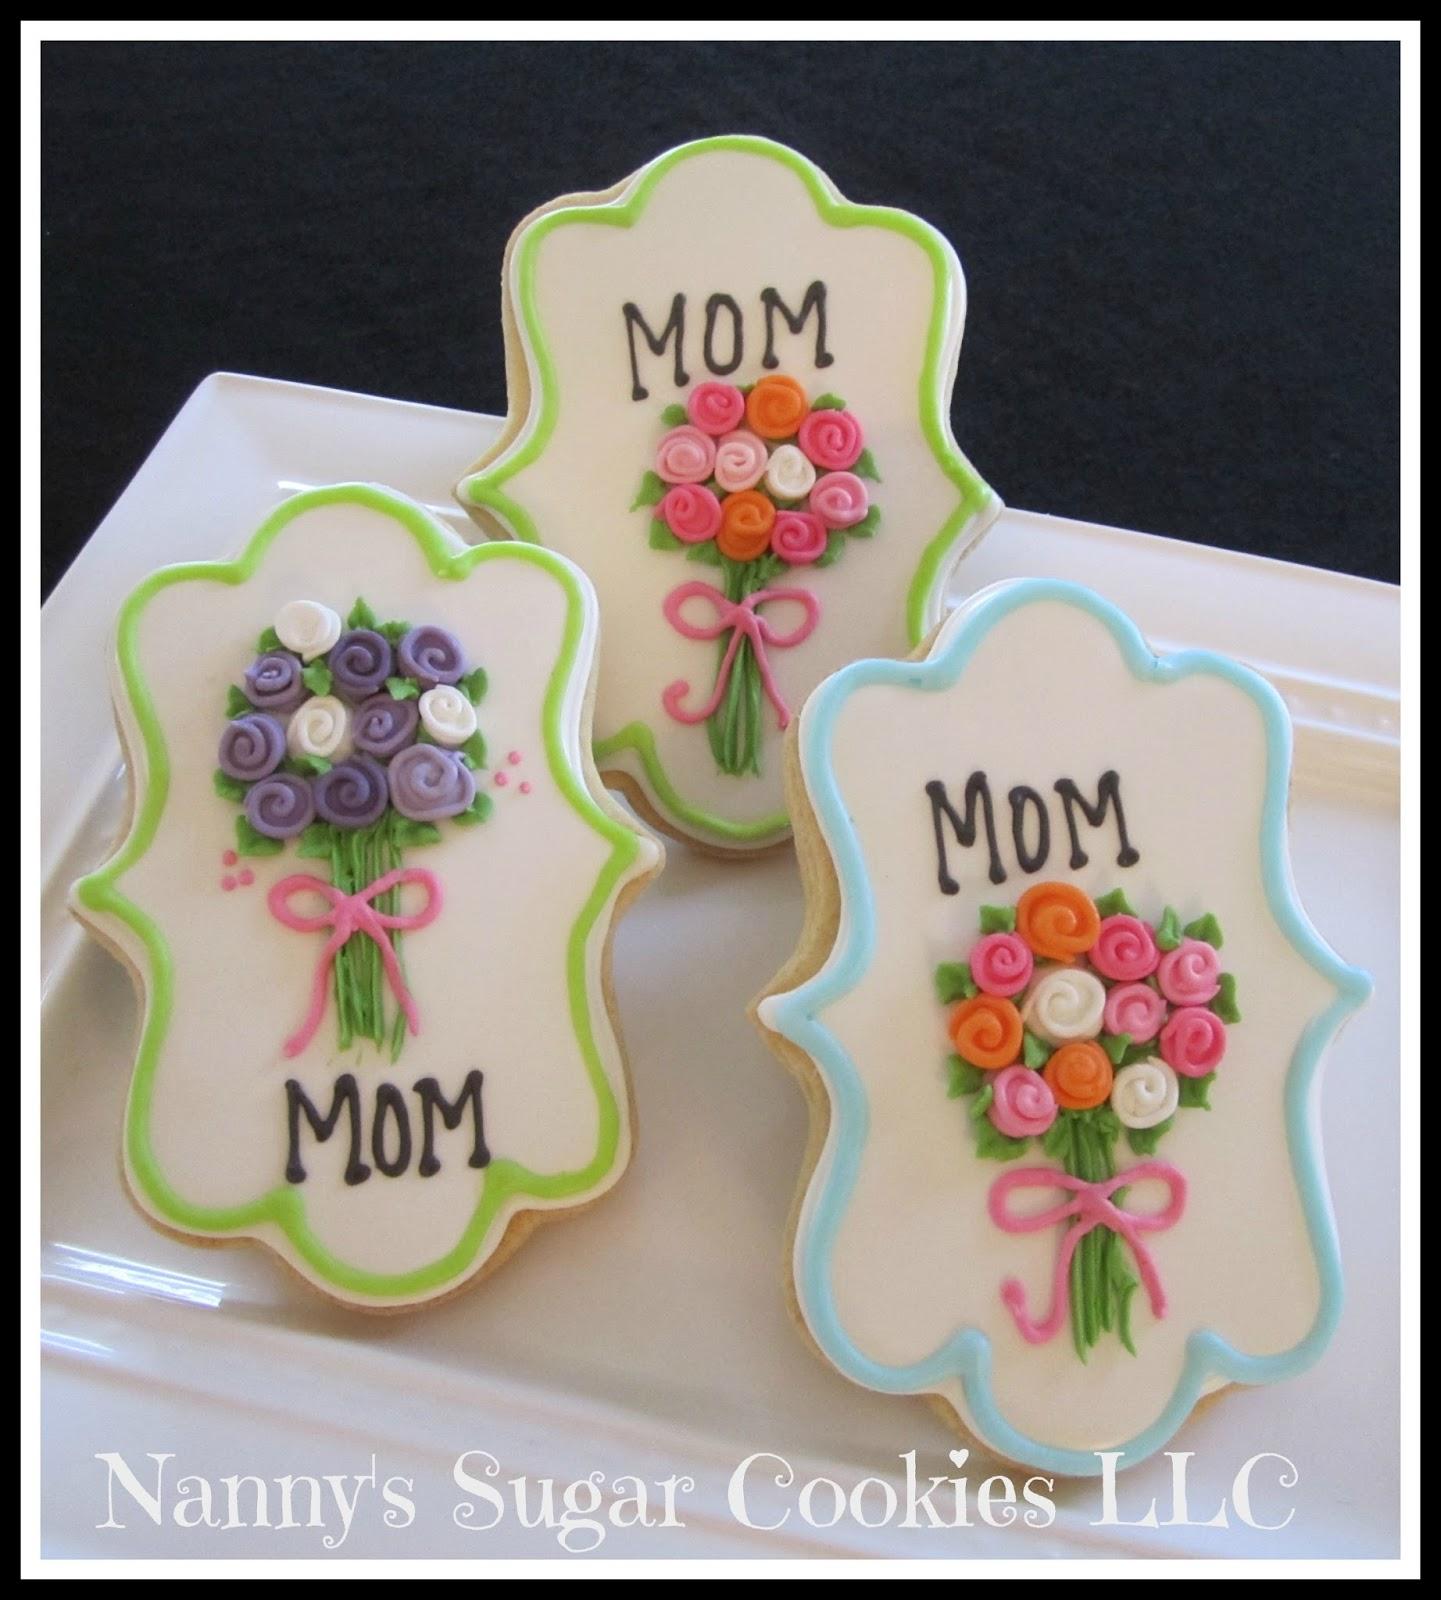 Nanny\'s Sugar Cookies LLC: May 2017